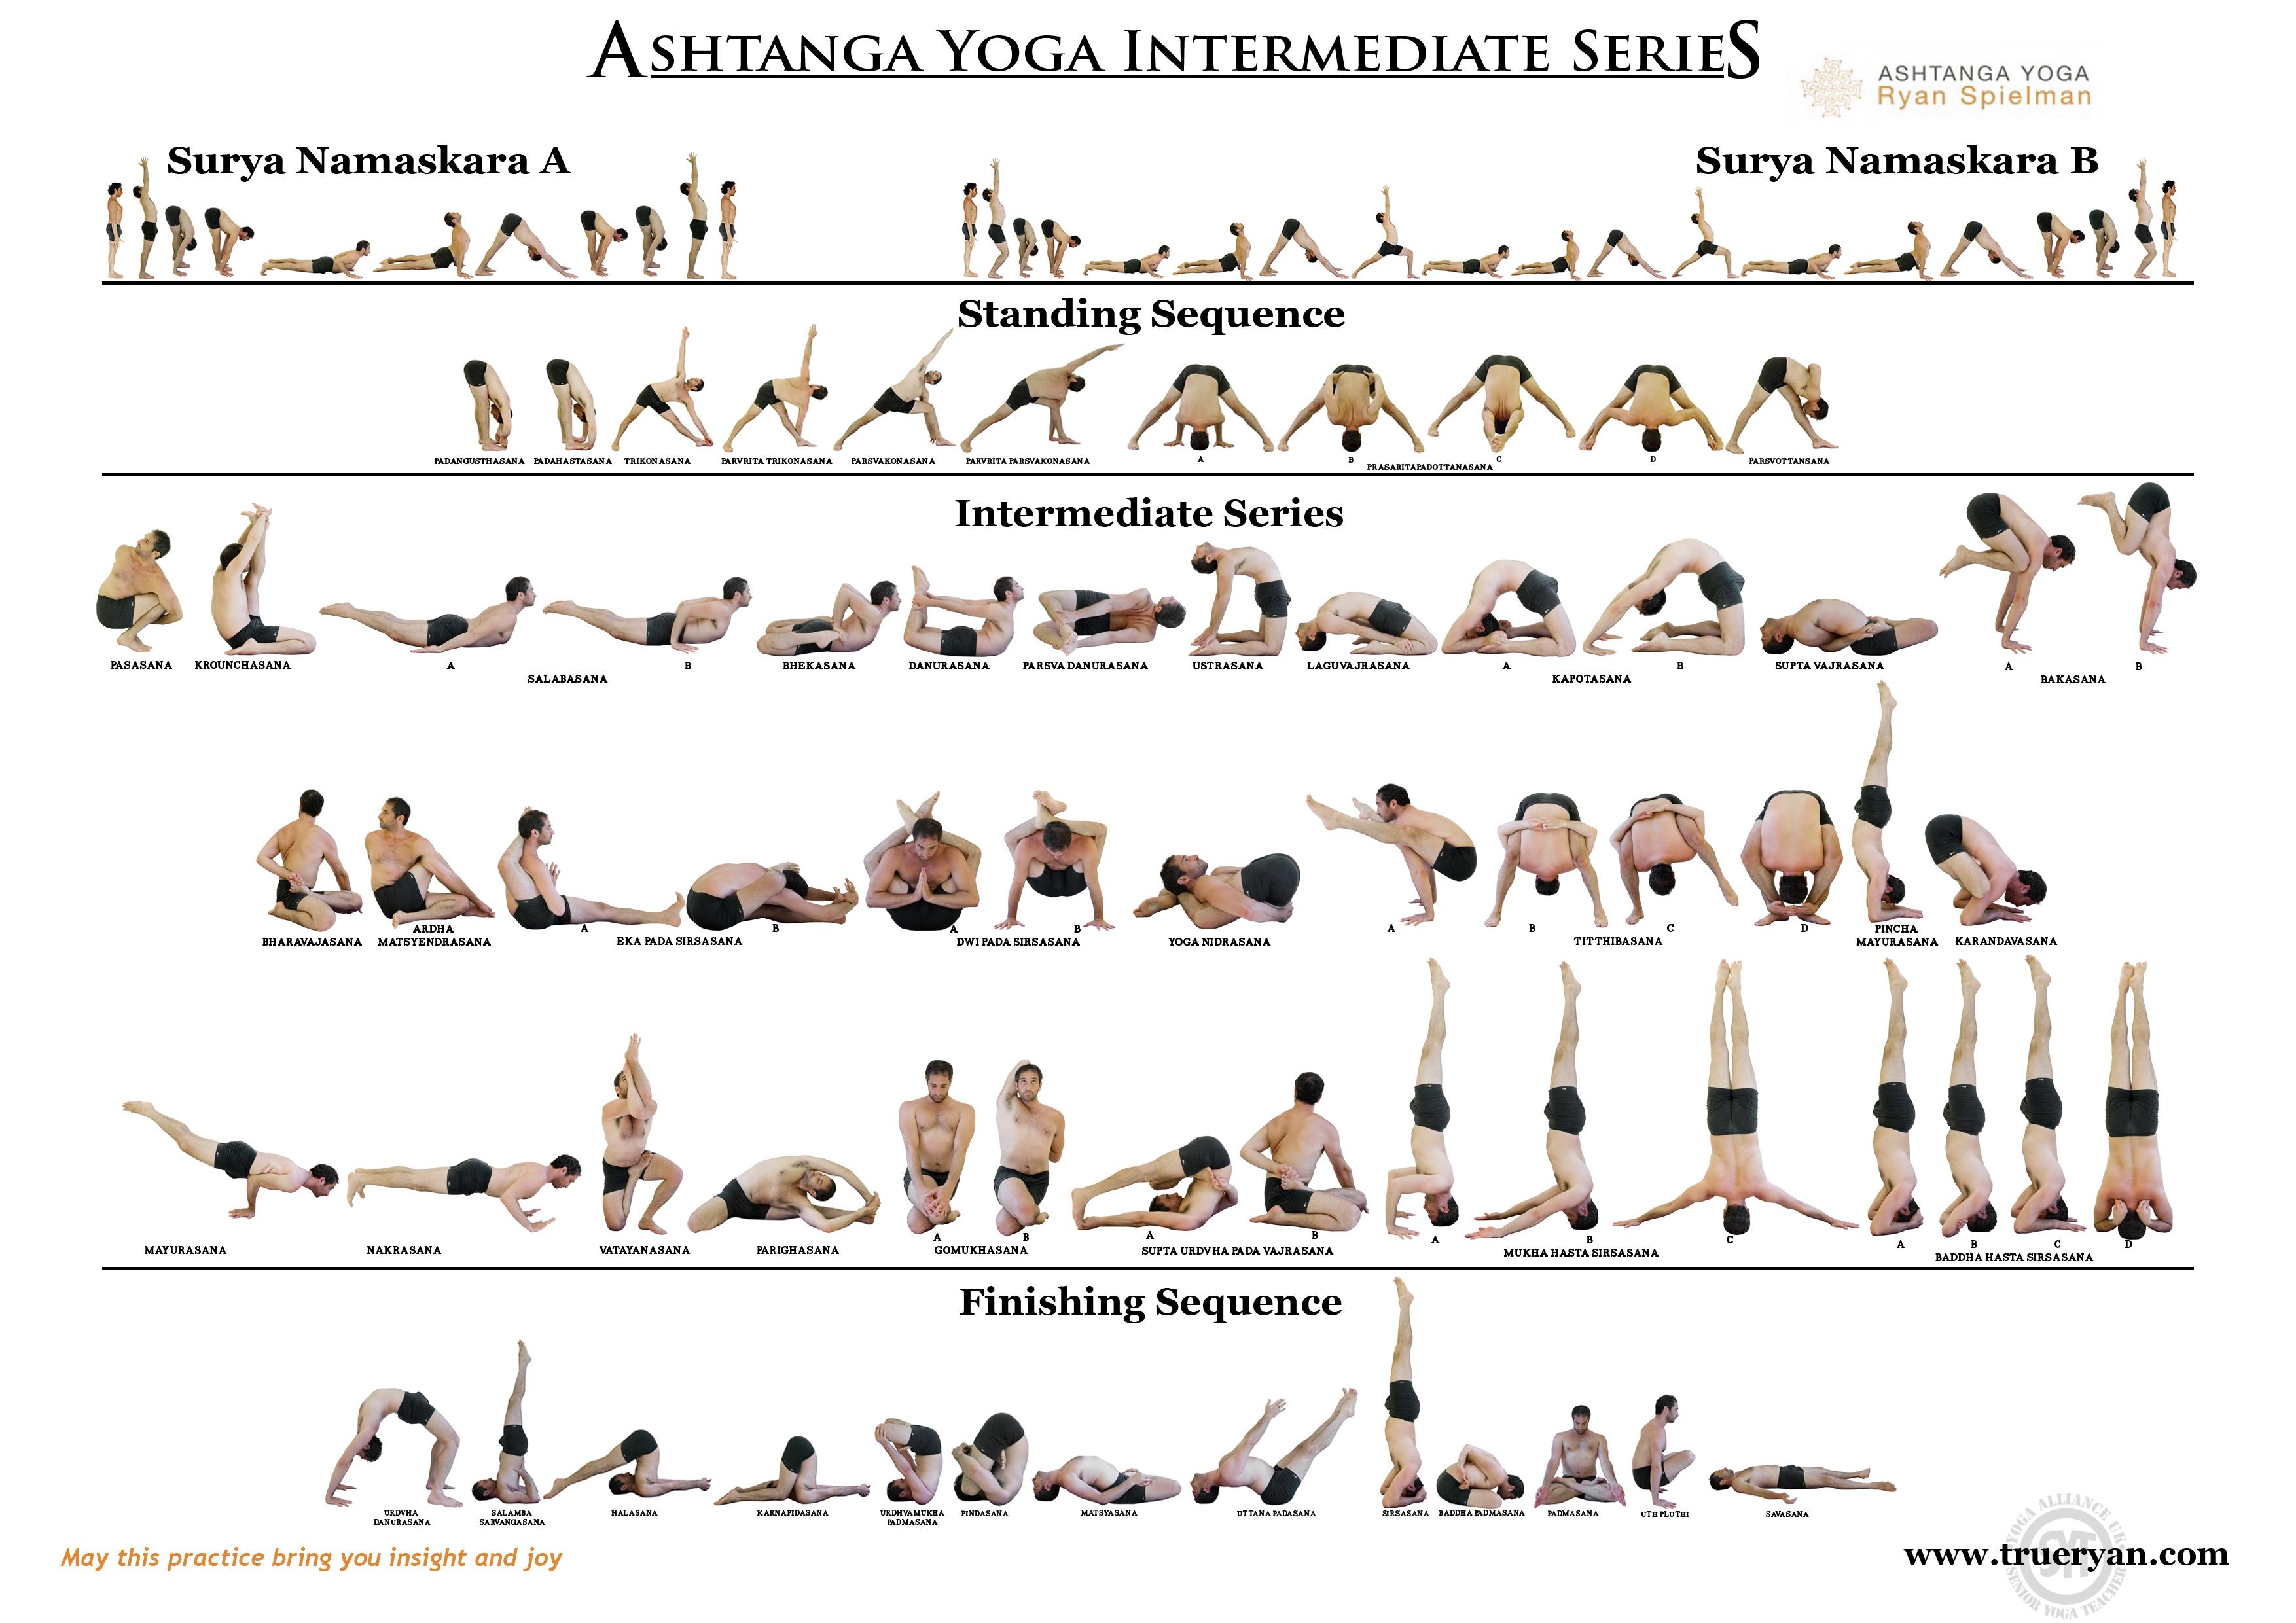 Download the Ashtanga Intermediate Series Chart - FREE ...